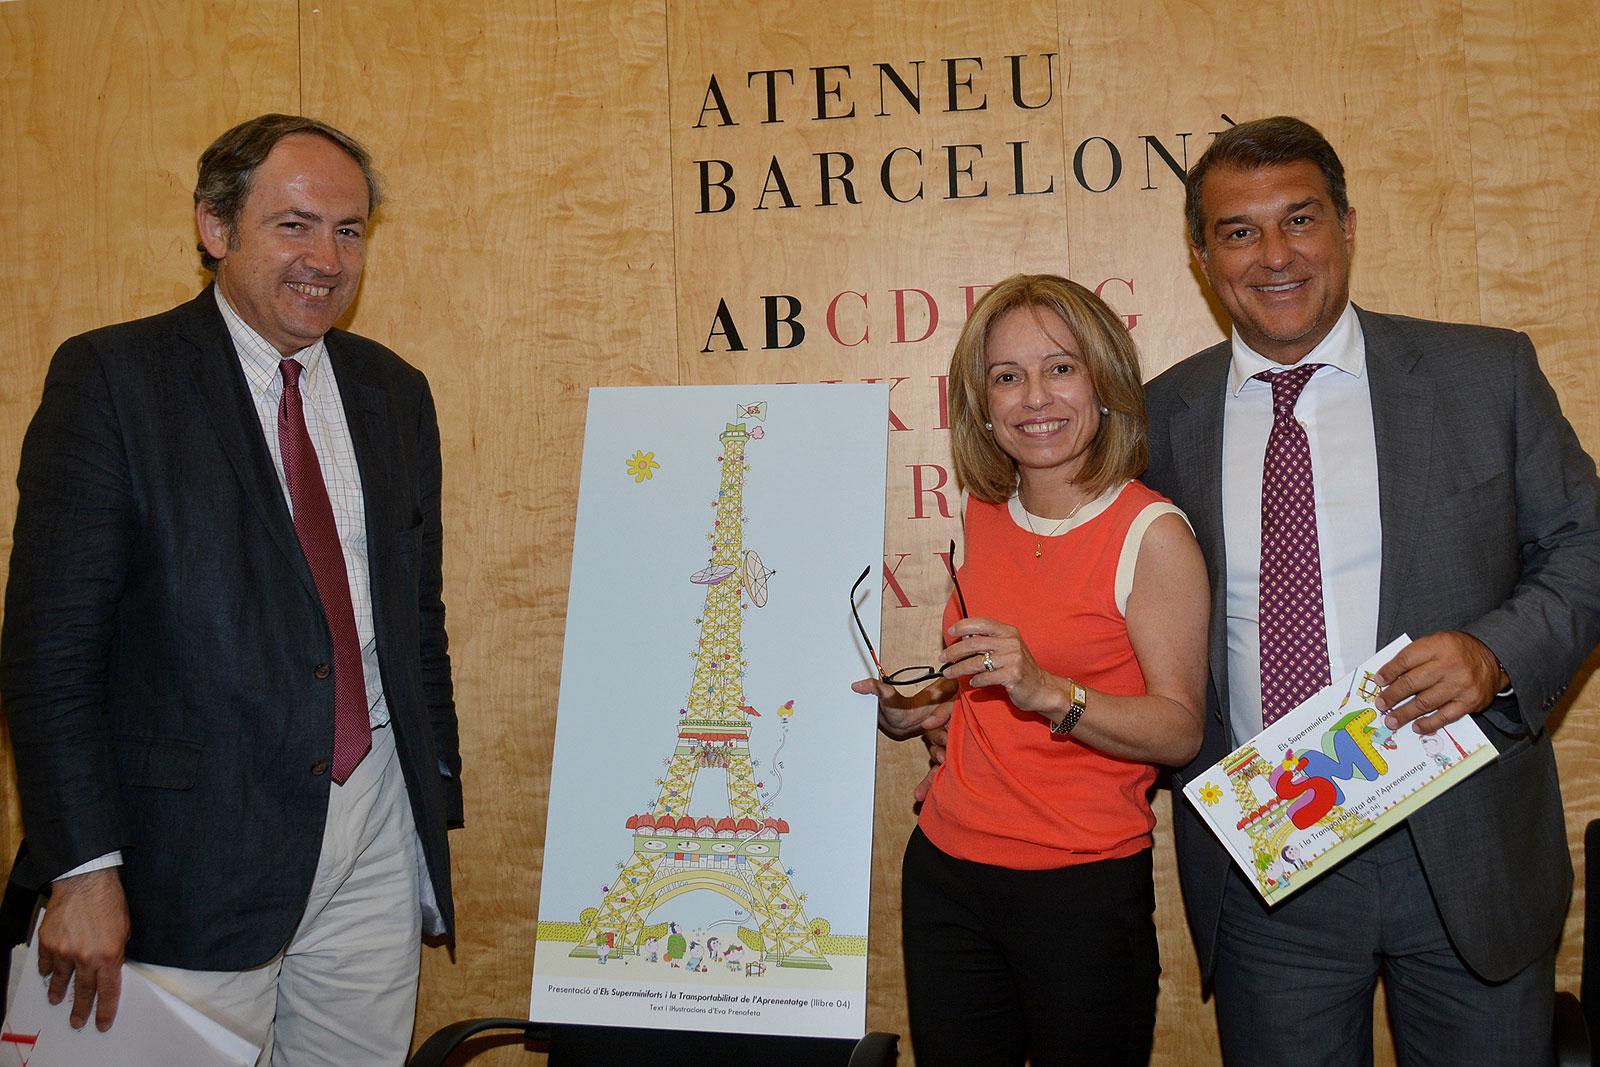 Presentació a l'Ateneu Barcelonès - Juny 2017 (foto 1)